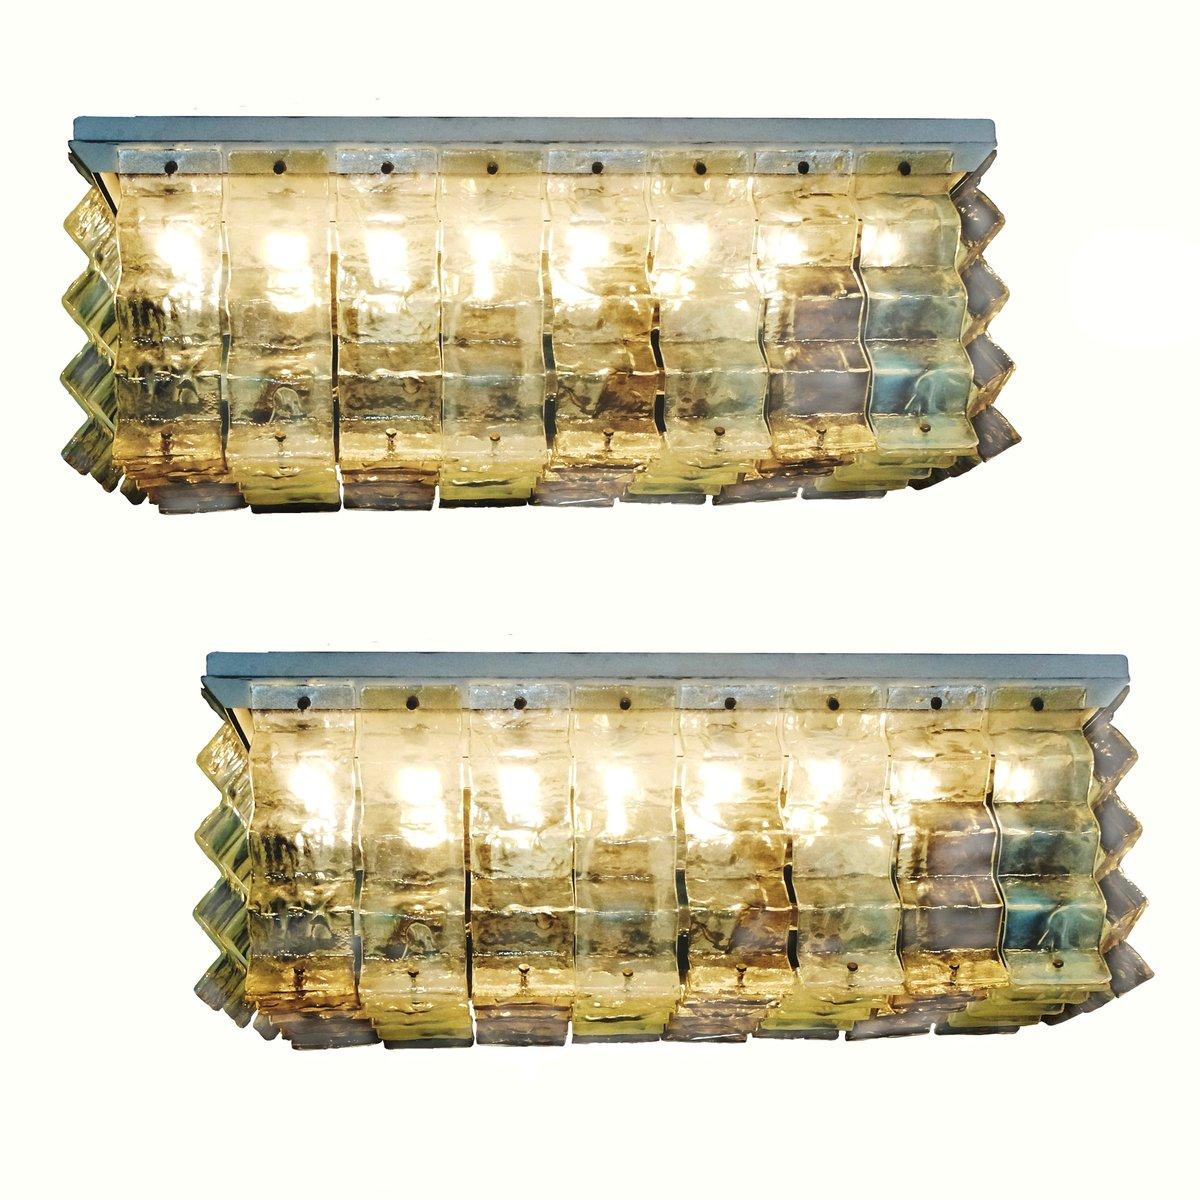 Einbaudeckenlampe Kronleuchter von Carlo Nason für Mazzega, 1970er, 2e...